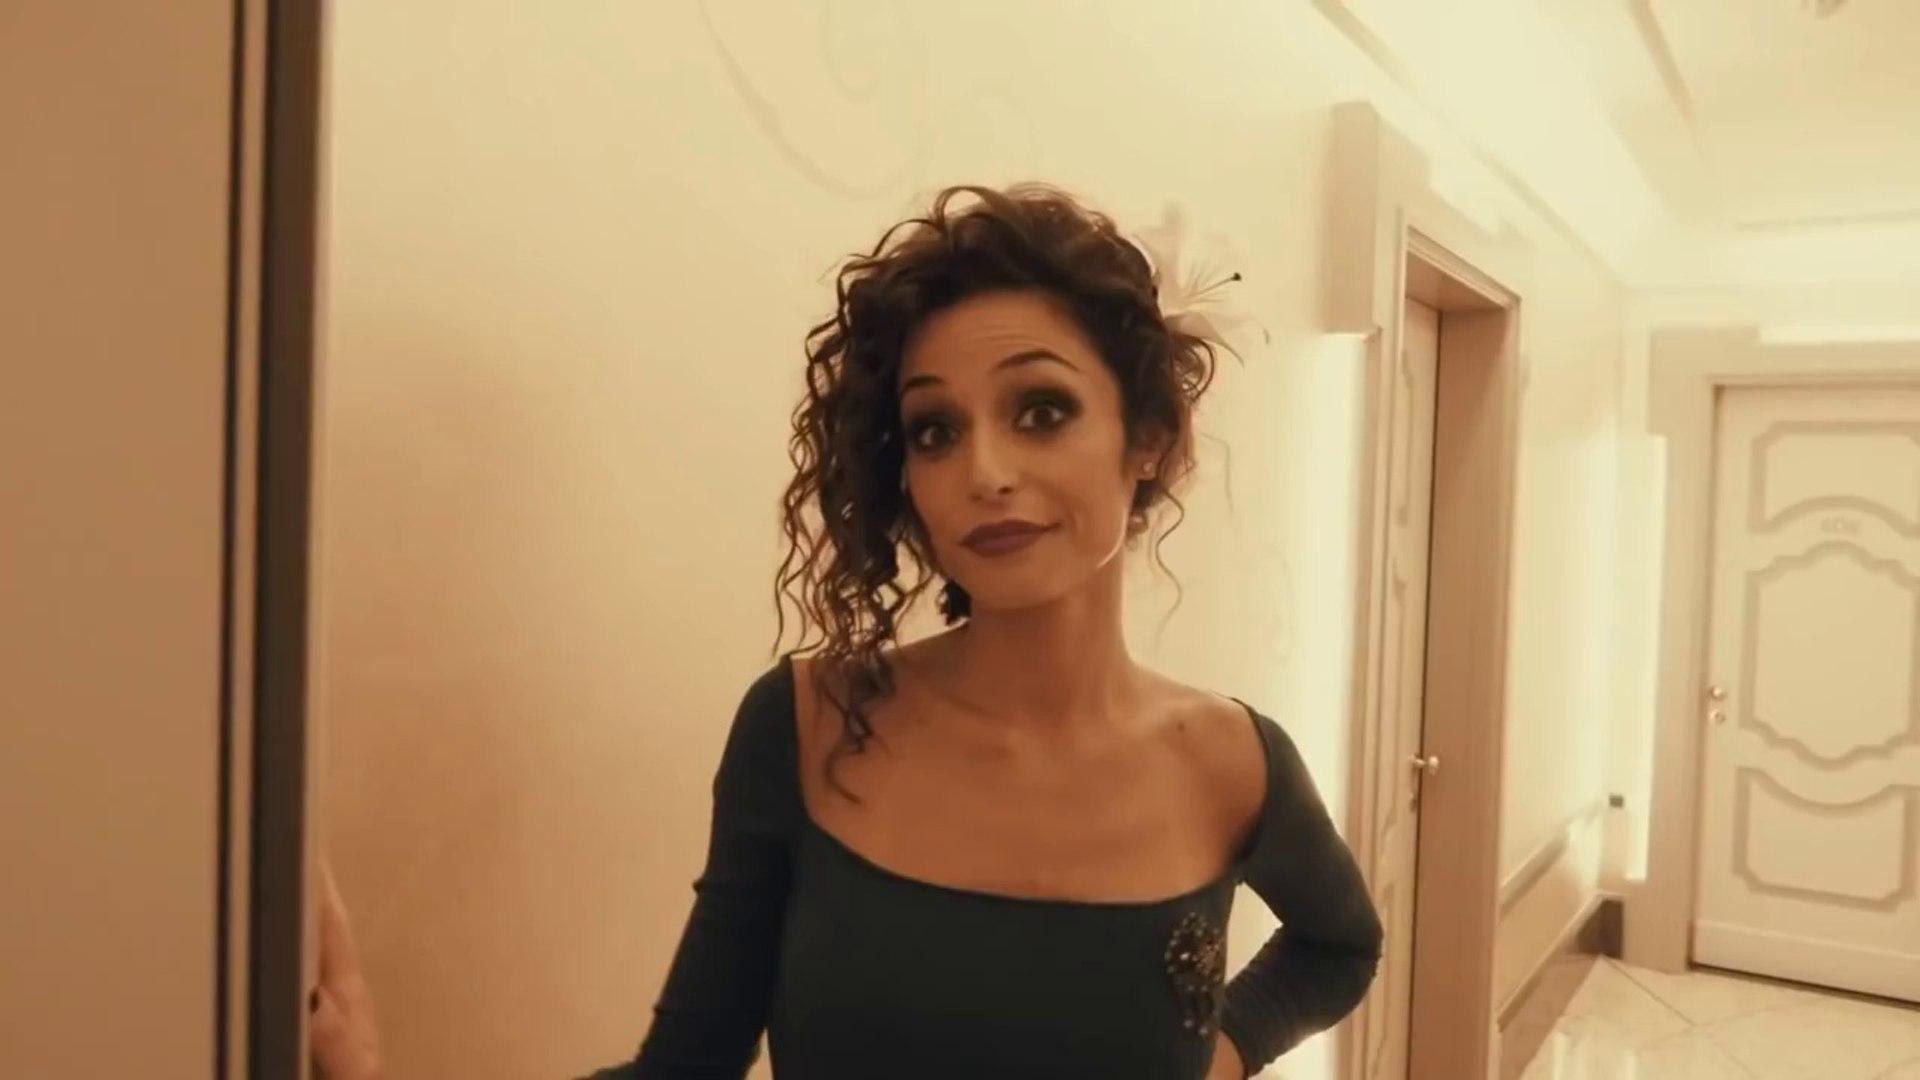 Francesca Cipriani Backstage Calendario.Raffaella Fico Backstage Super Sexy Da Paura